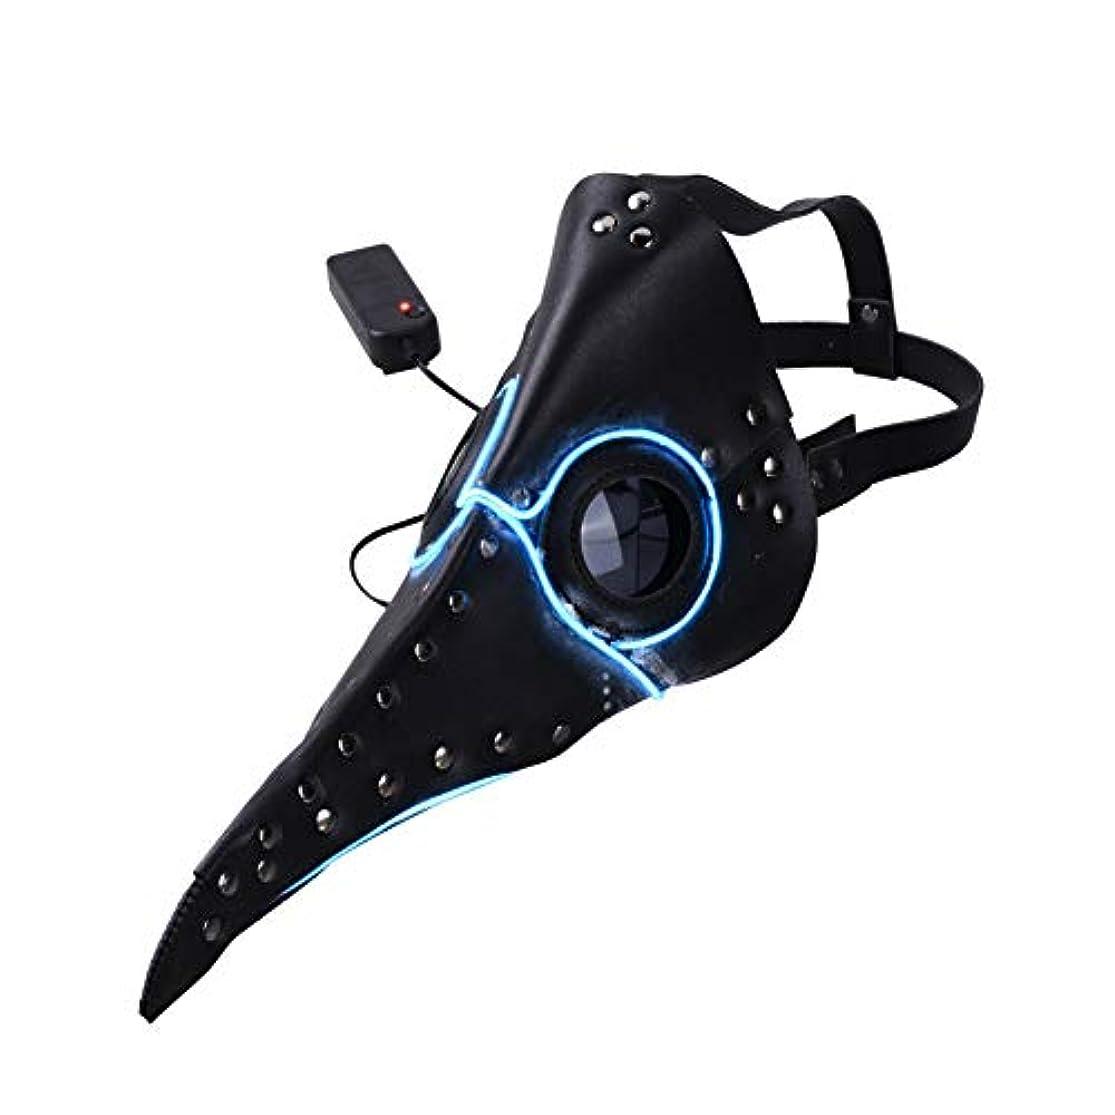 管理者恩赦病Esolom LEDが点灯 ペストドクターマスク ロングノーズマスク くちばし ハロウィンデコレーション ゴシックロールプレイング カーニバル衣装小道具